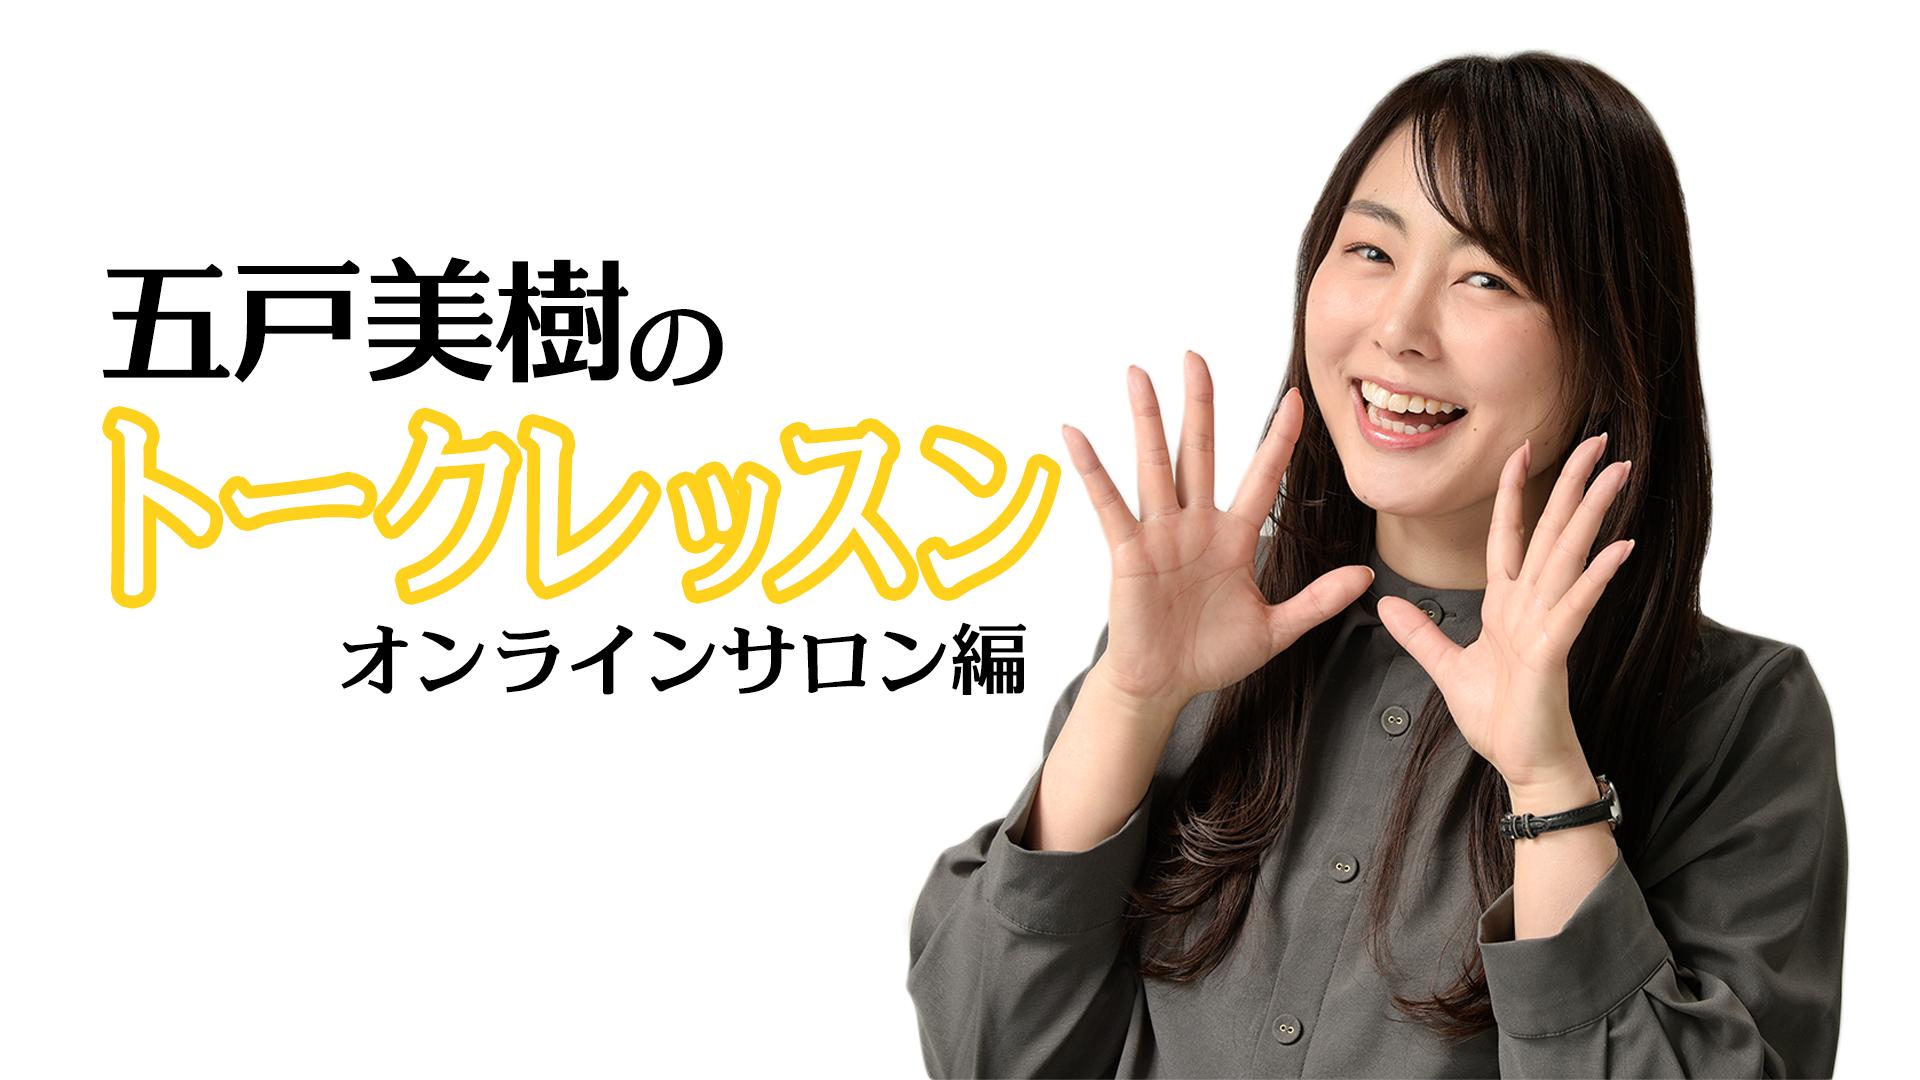 五戸美樹 - 五戸美樹のトークレッスン〜オンラインサロン編〜 - DMM オンラインサロン